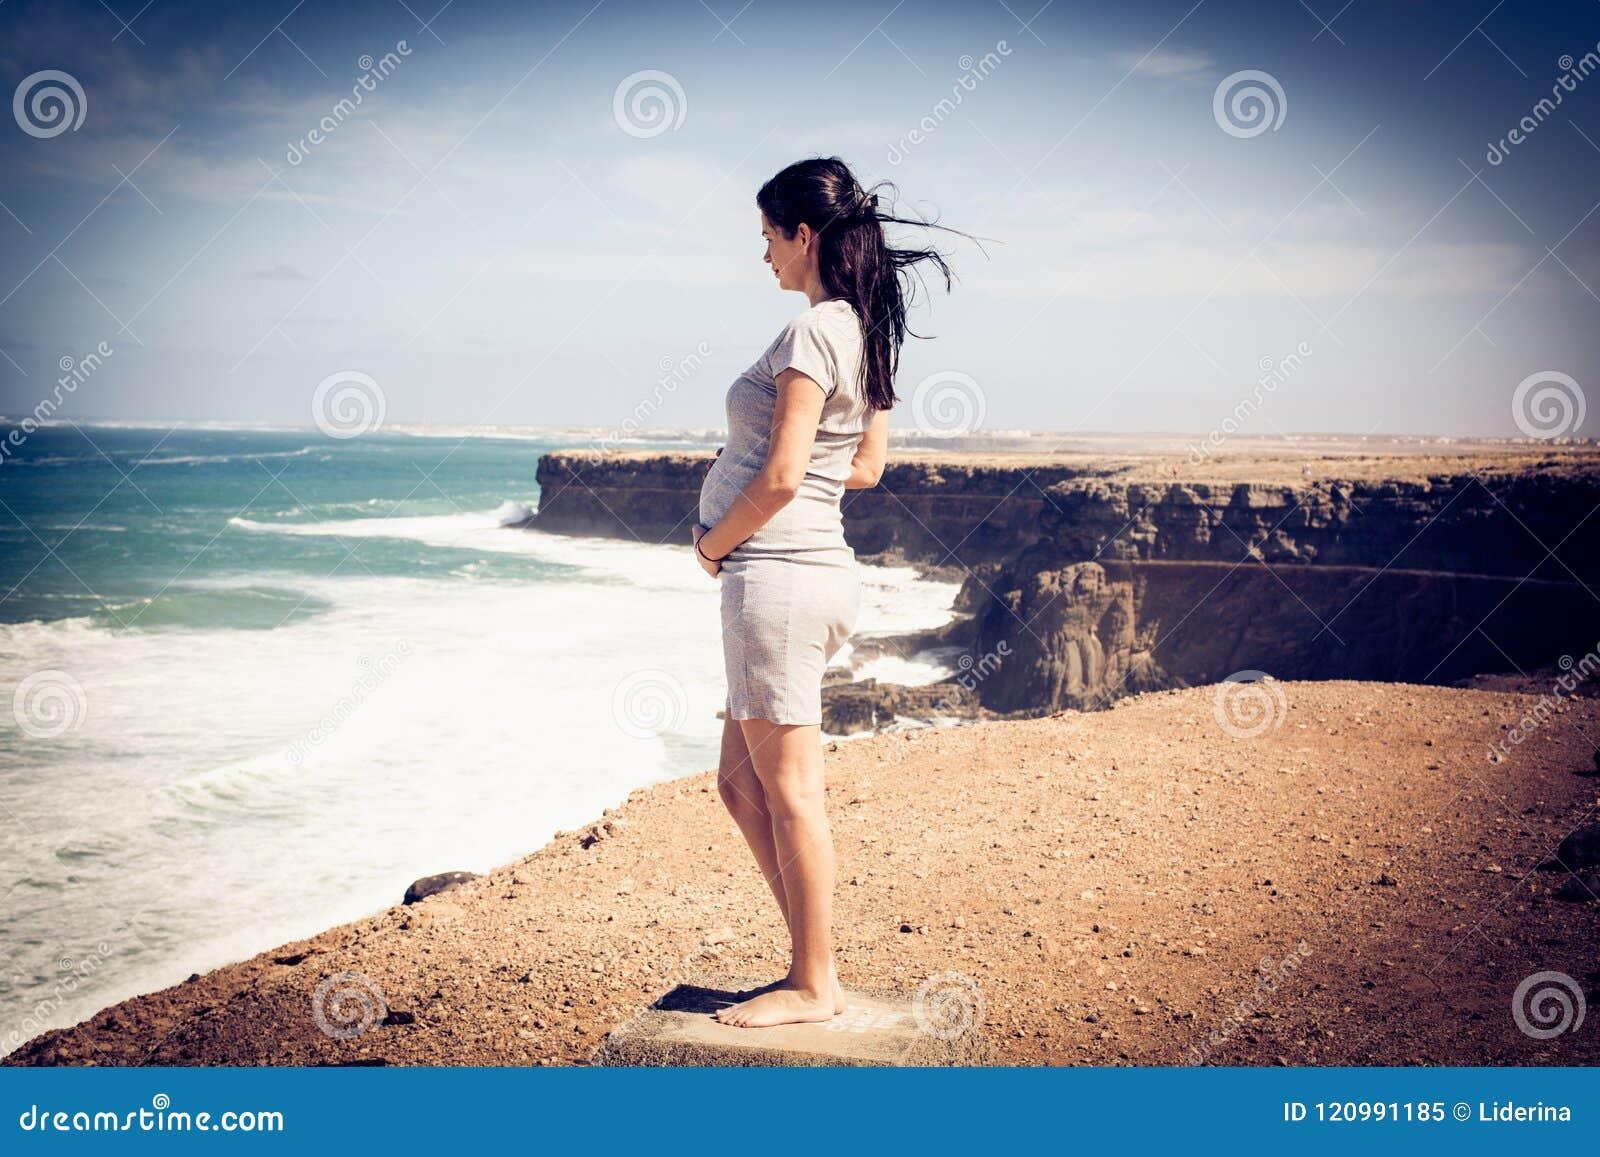 Słońce, plaża i nowy życie,